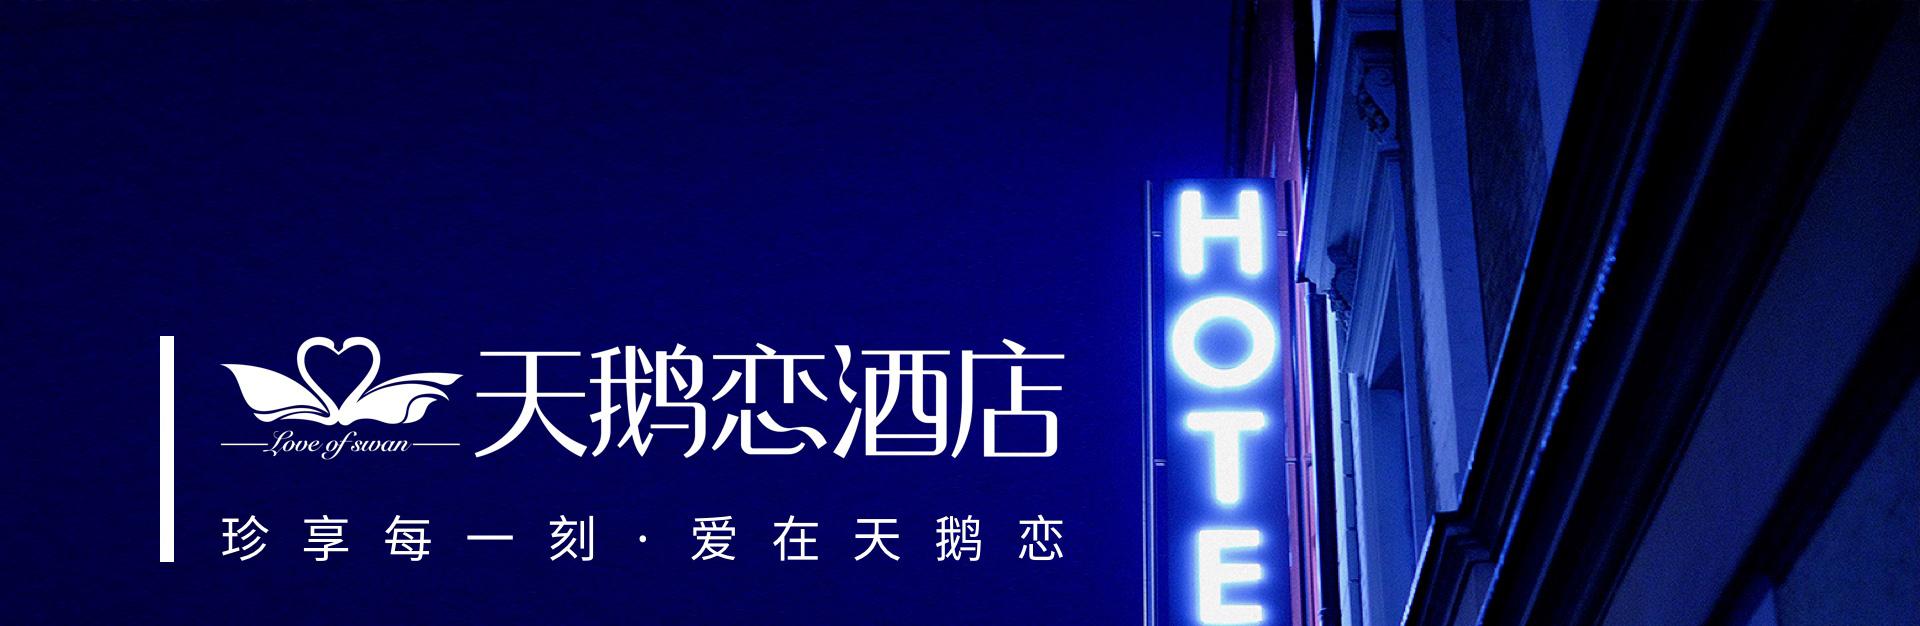 天鹅恋酒店PC_01